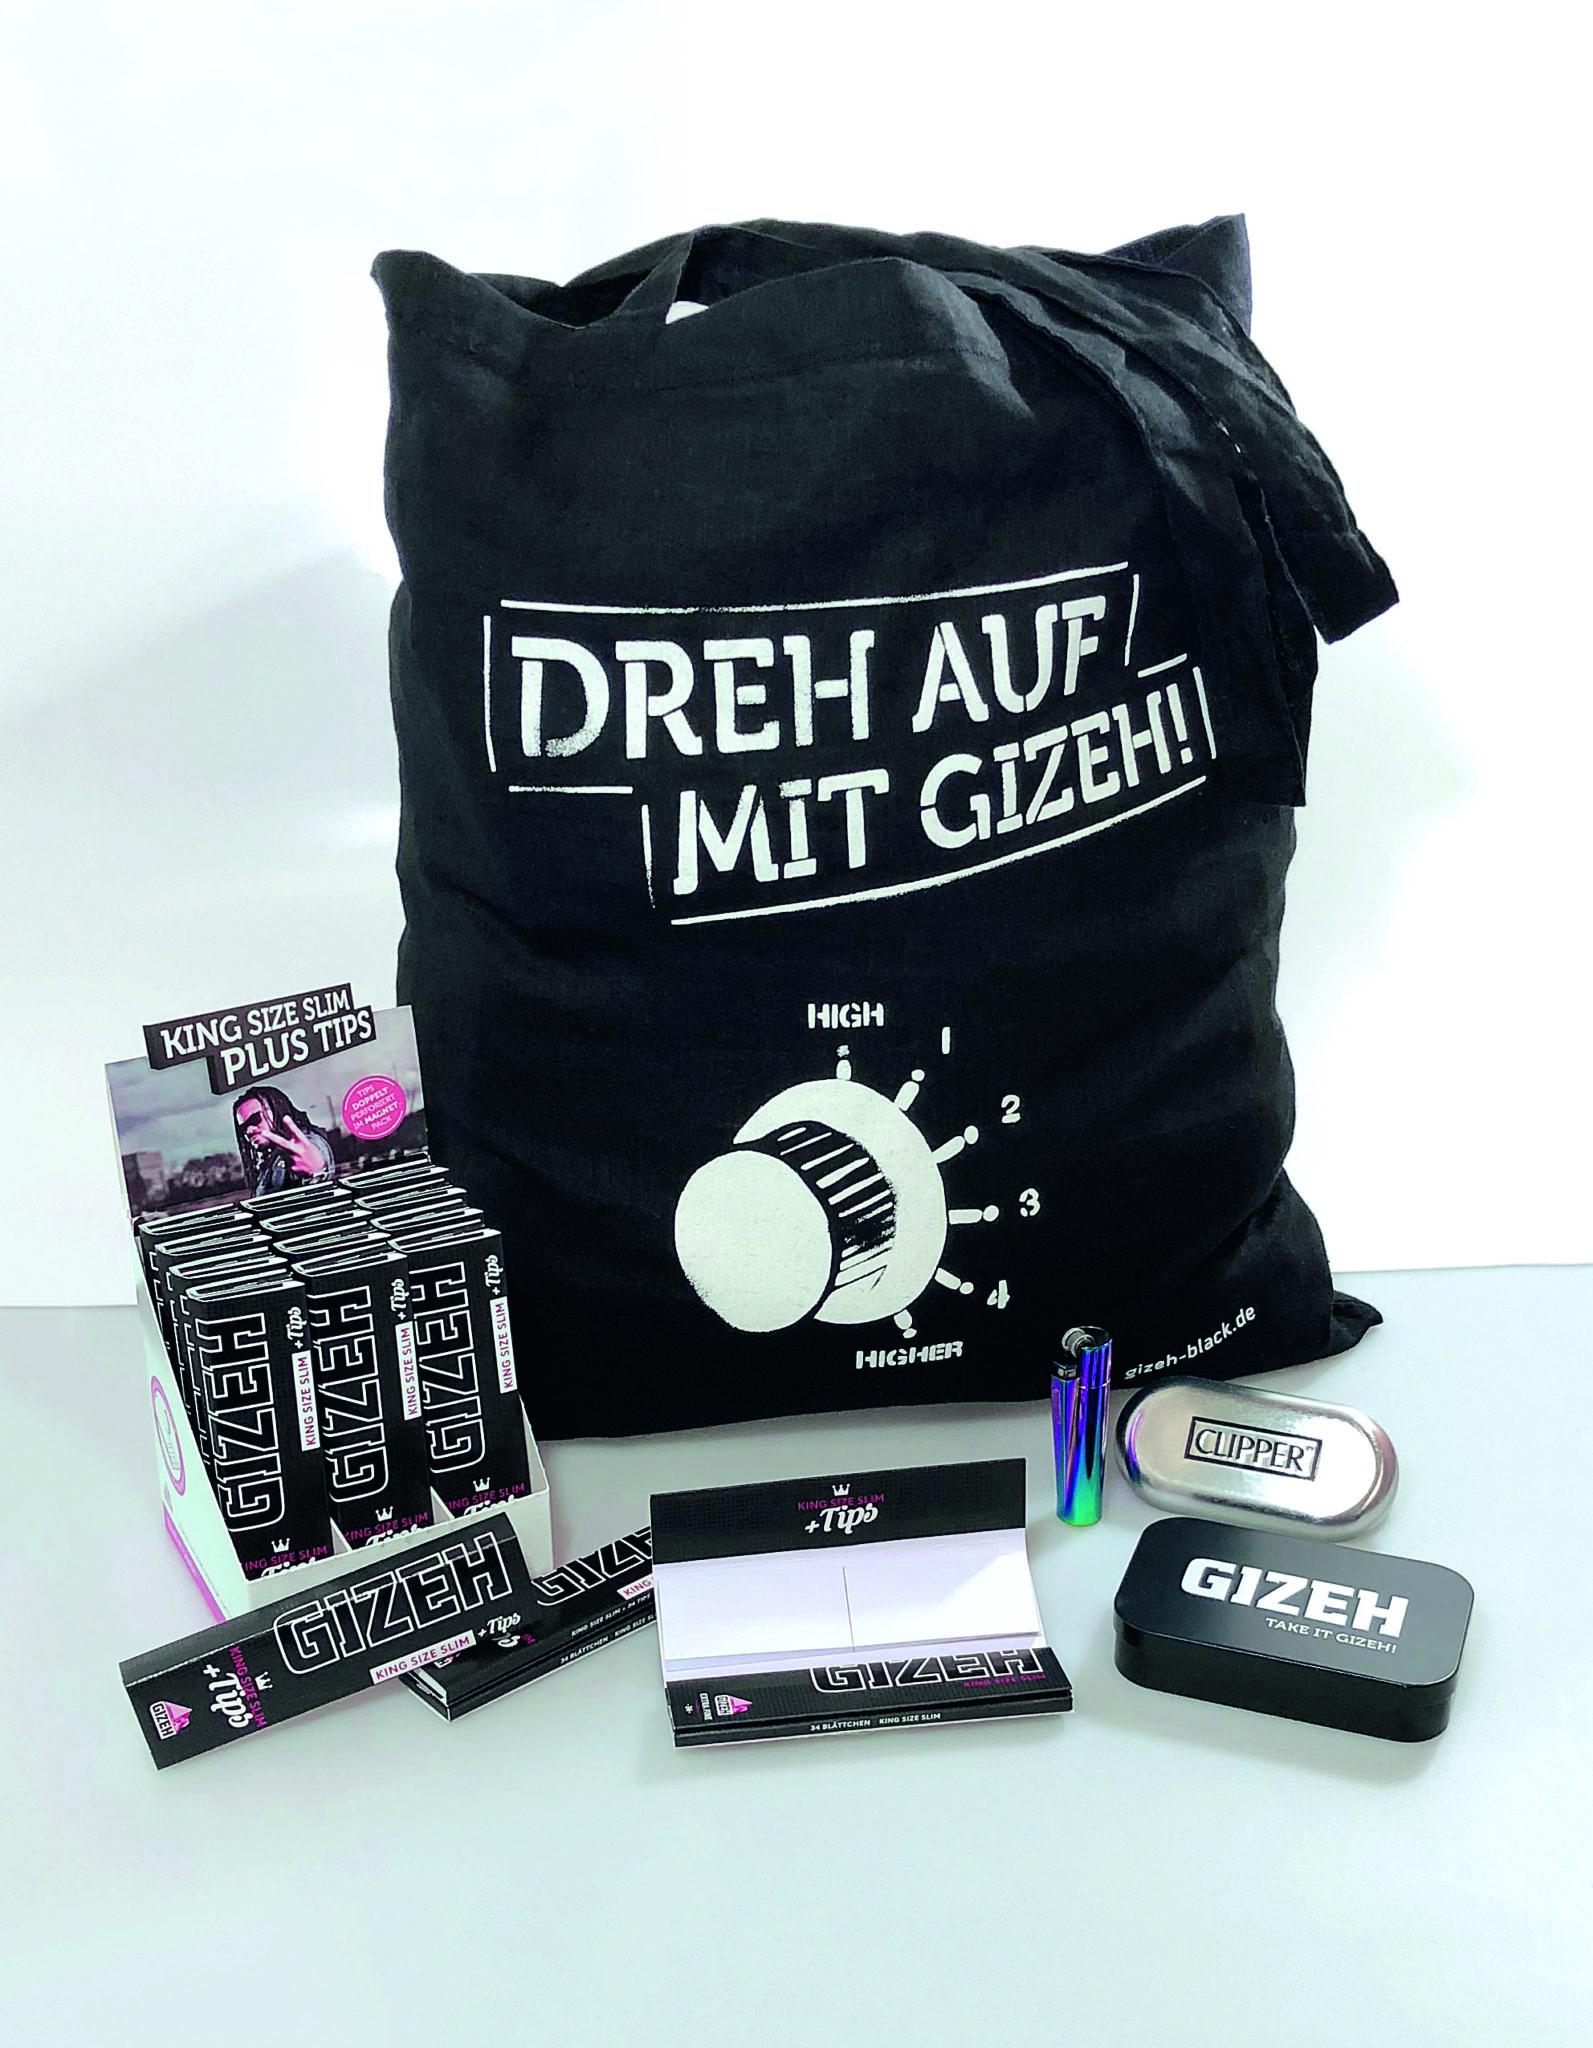 Paket KSSClipper 191217 - Starte mit Gizeh in den Festivalsommer! + Verlosung